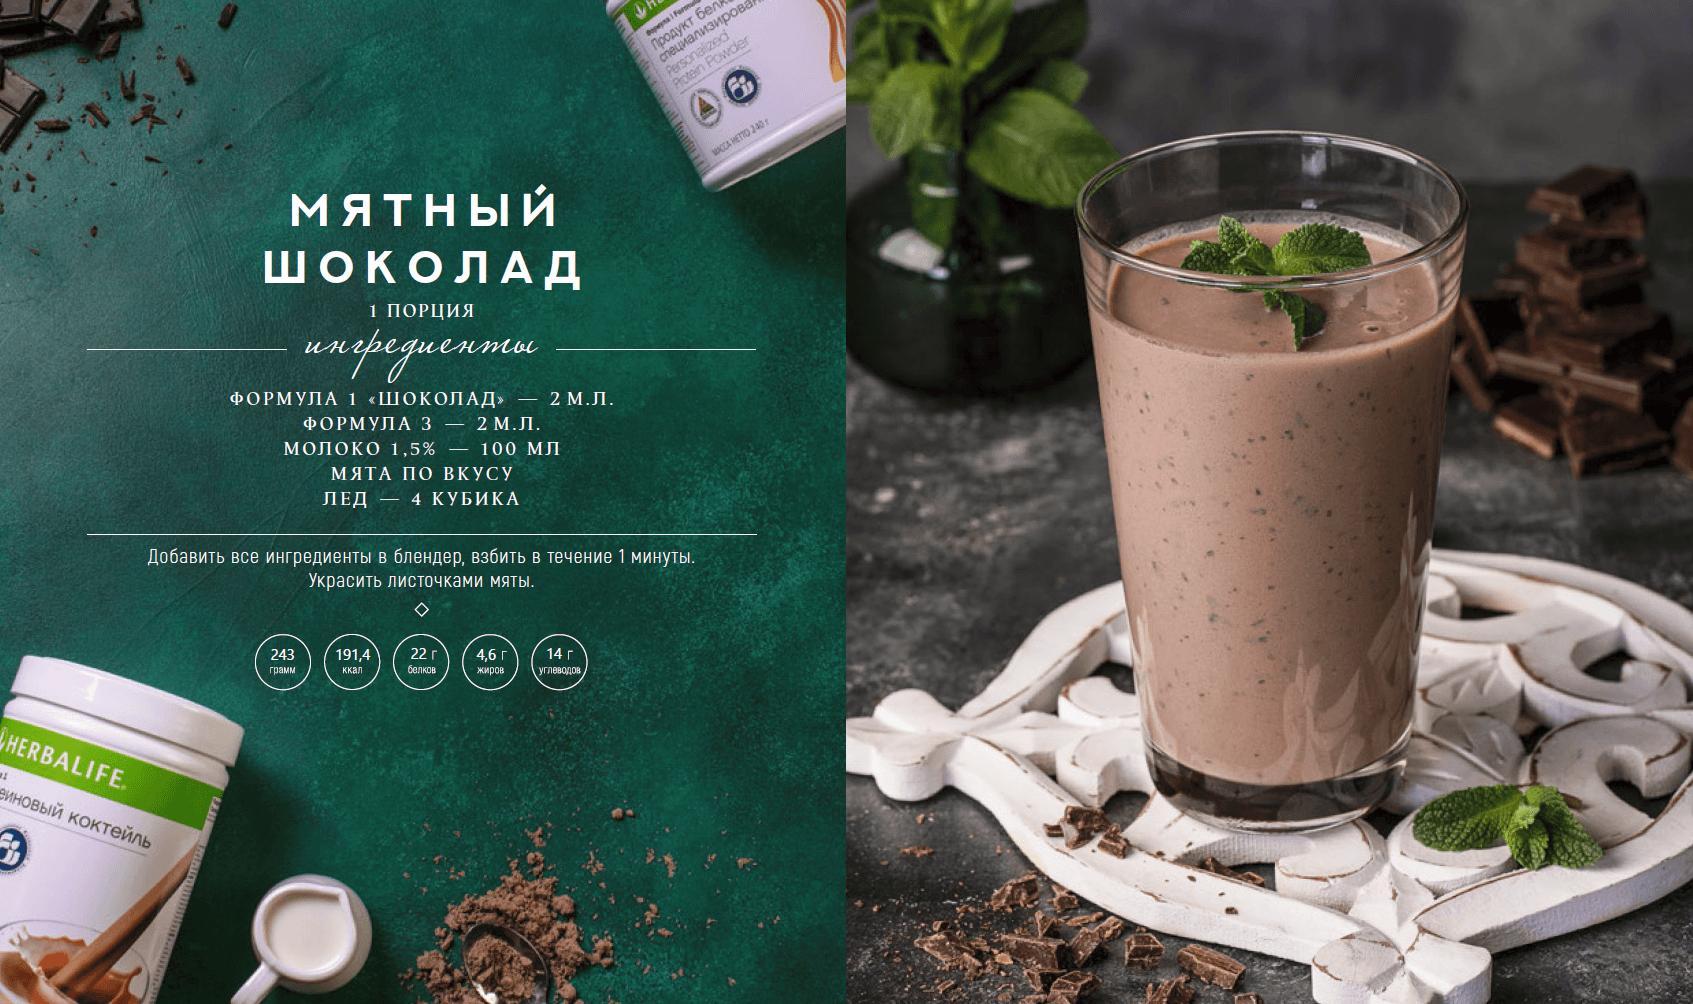 мятный шоколад - рецепт коктейля гербалайф